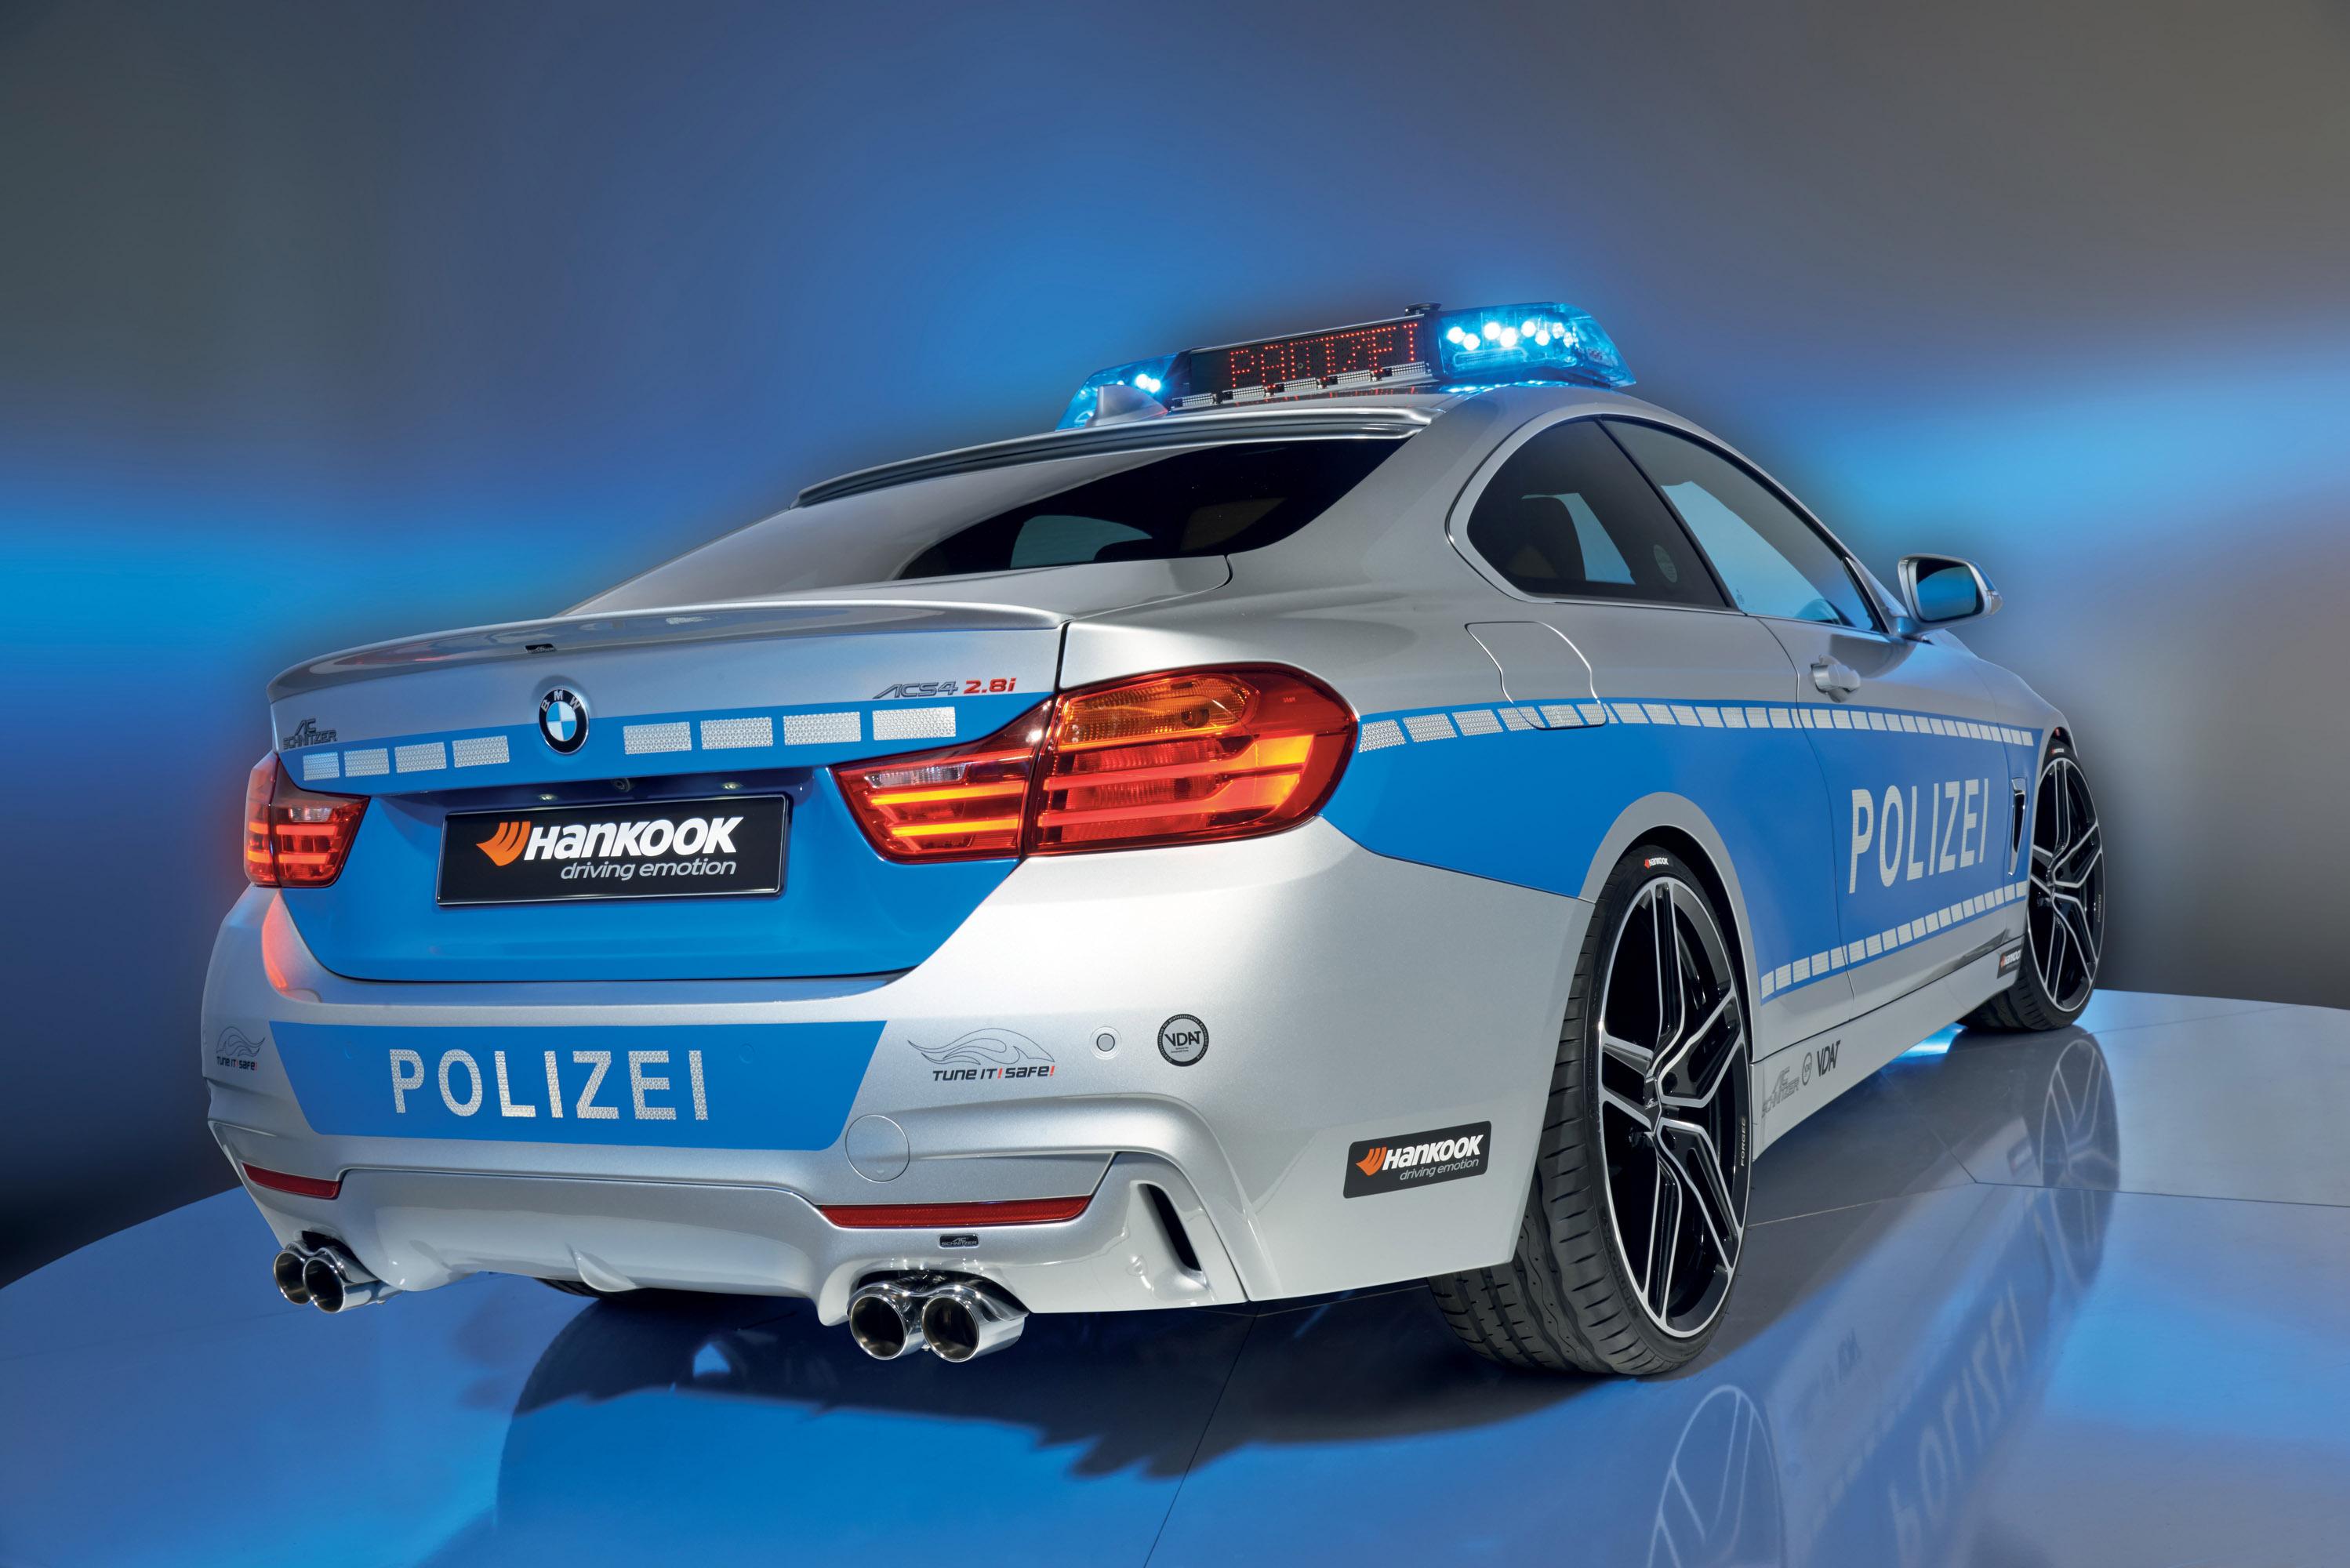 АС Шнитцер ACS4 БМВ купе 2.8 в концепции полицейских автомобилей - фотография №3